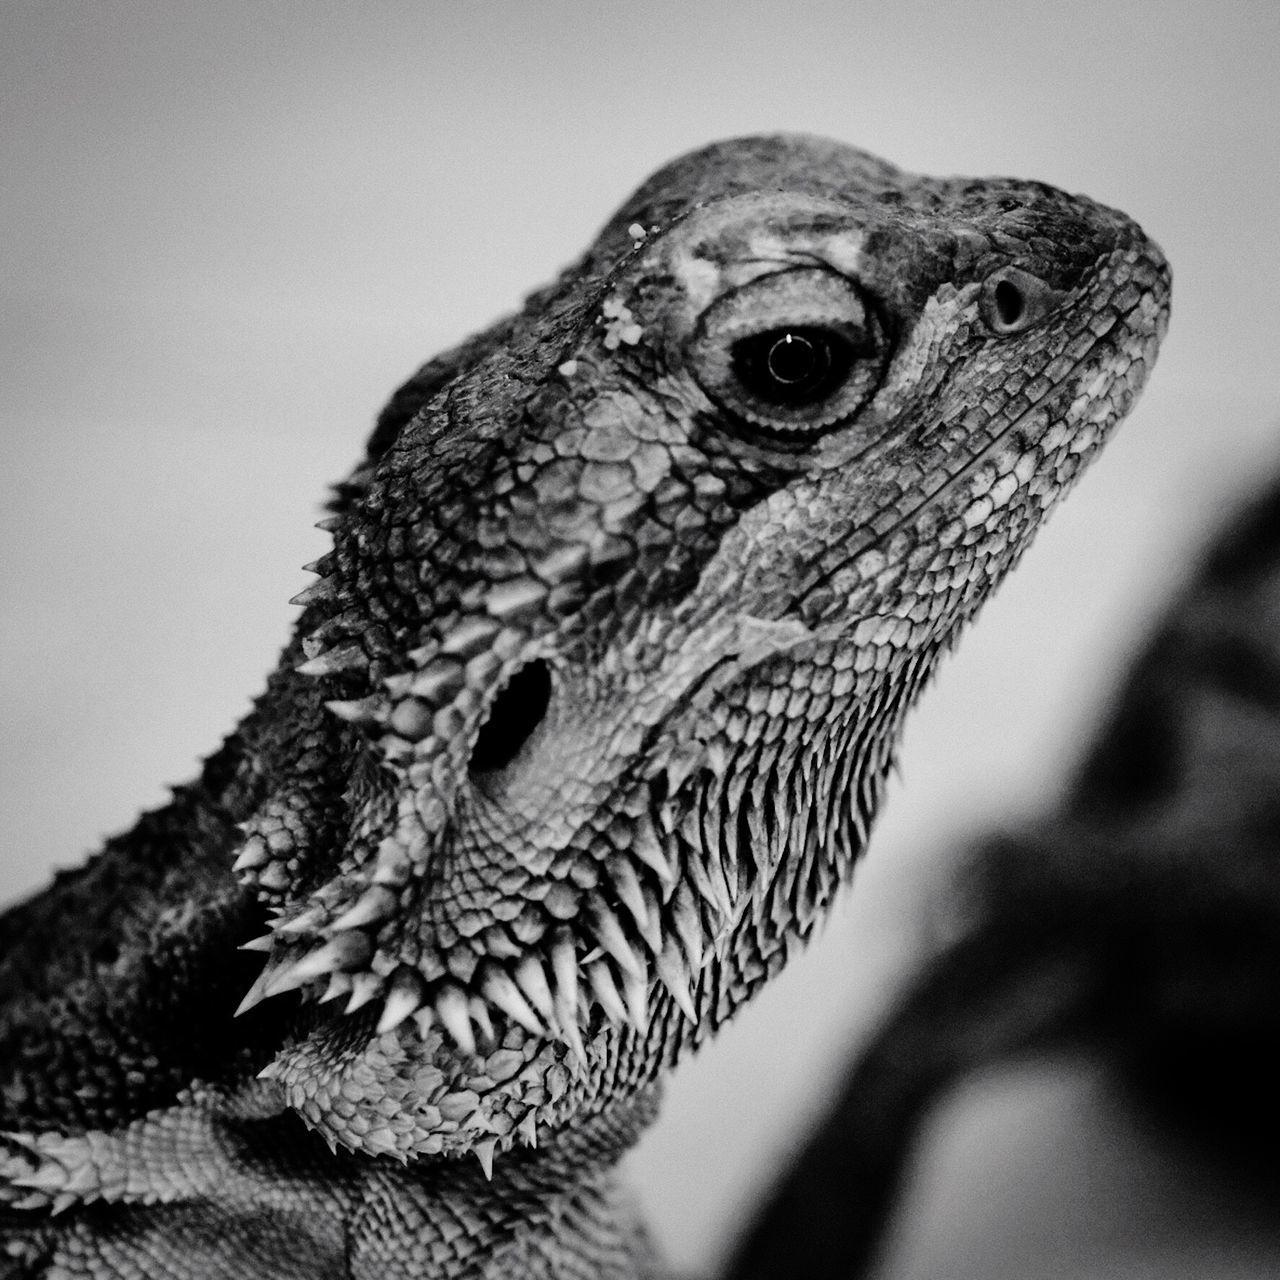 Reptile Lezard Blackandwhite Black And White Black & White Friend